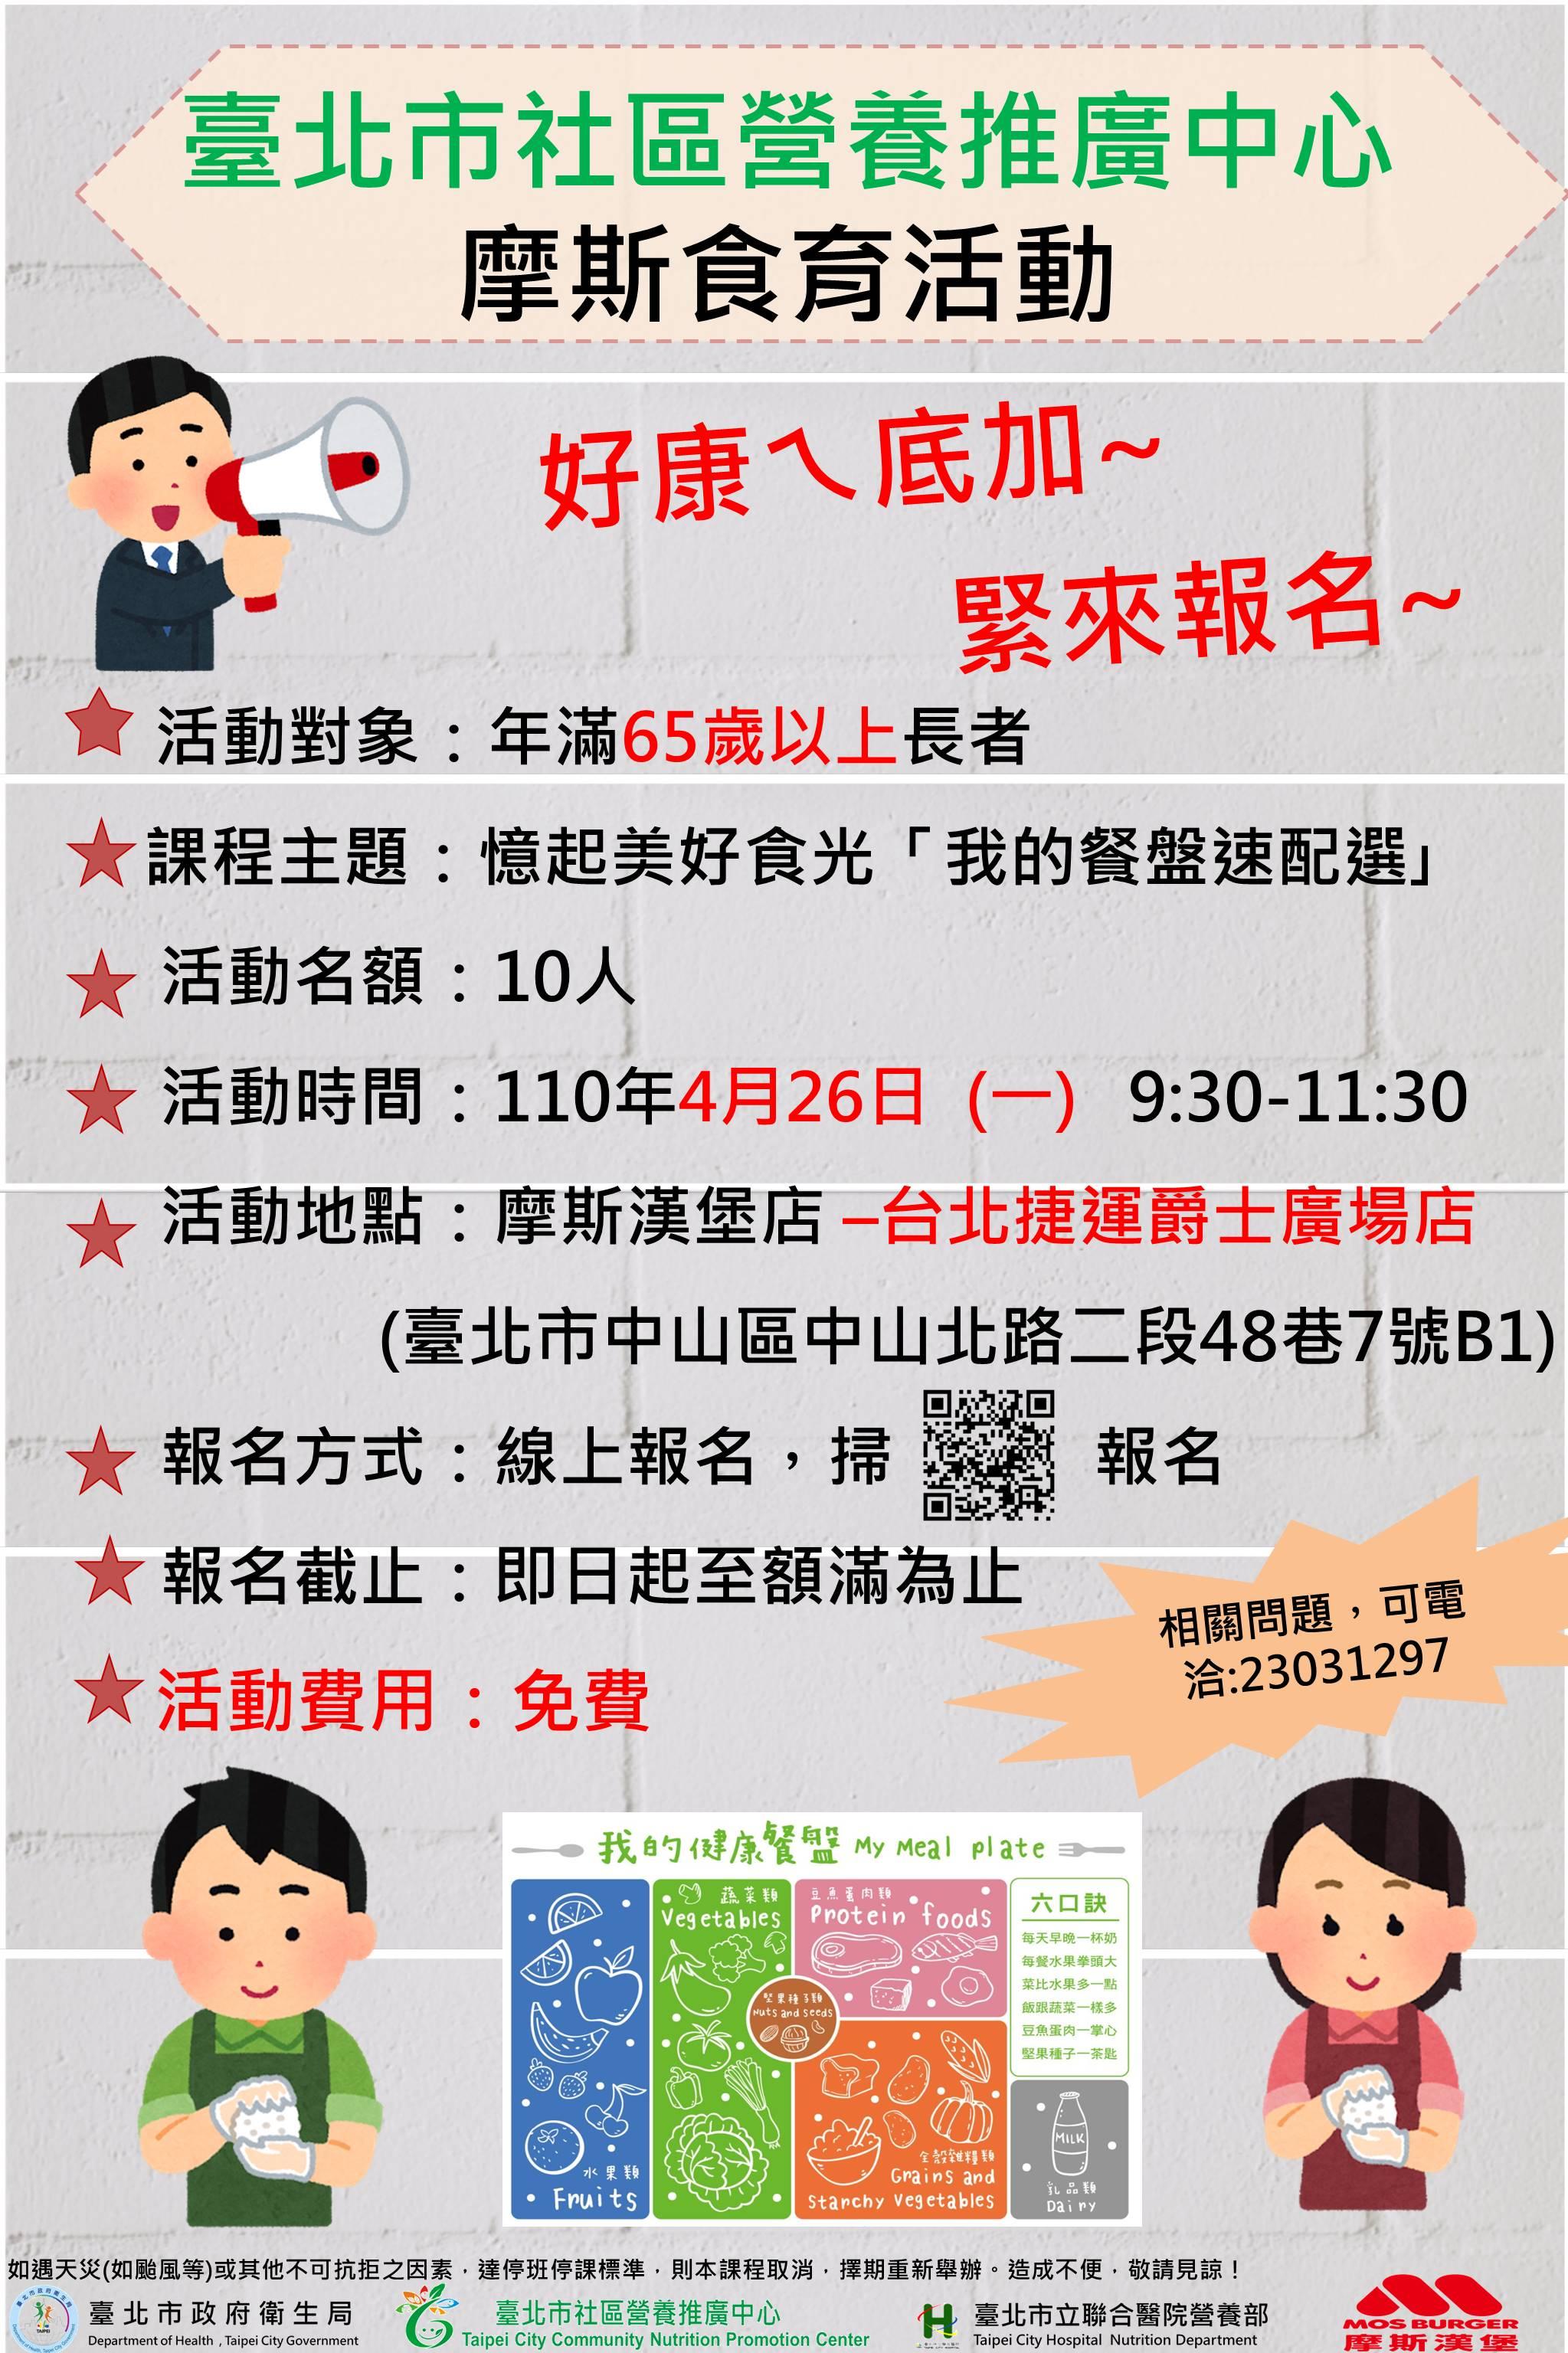 摩斯食育活動–台北捷運爵士廣場店宣傳圖